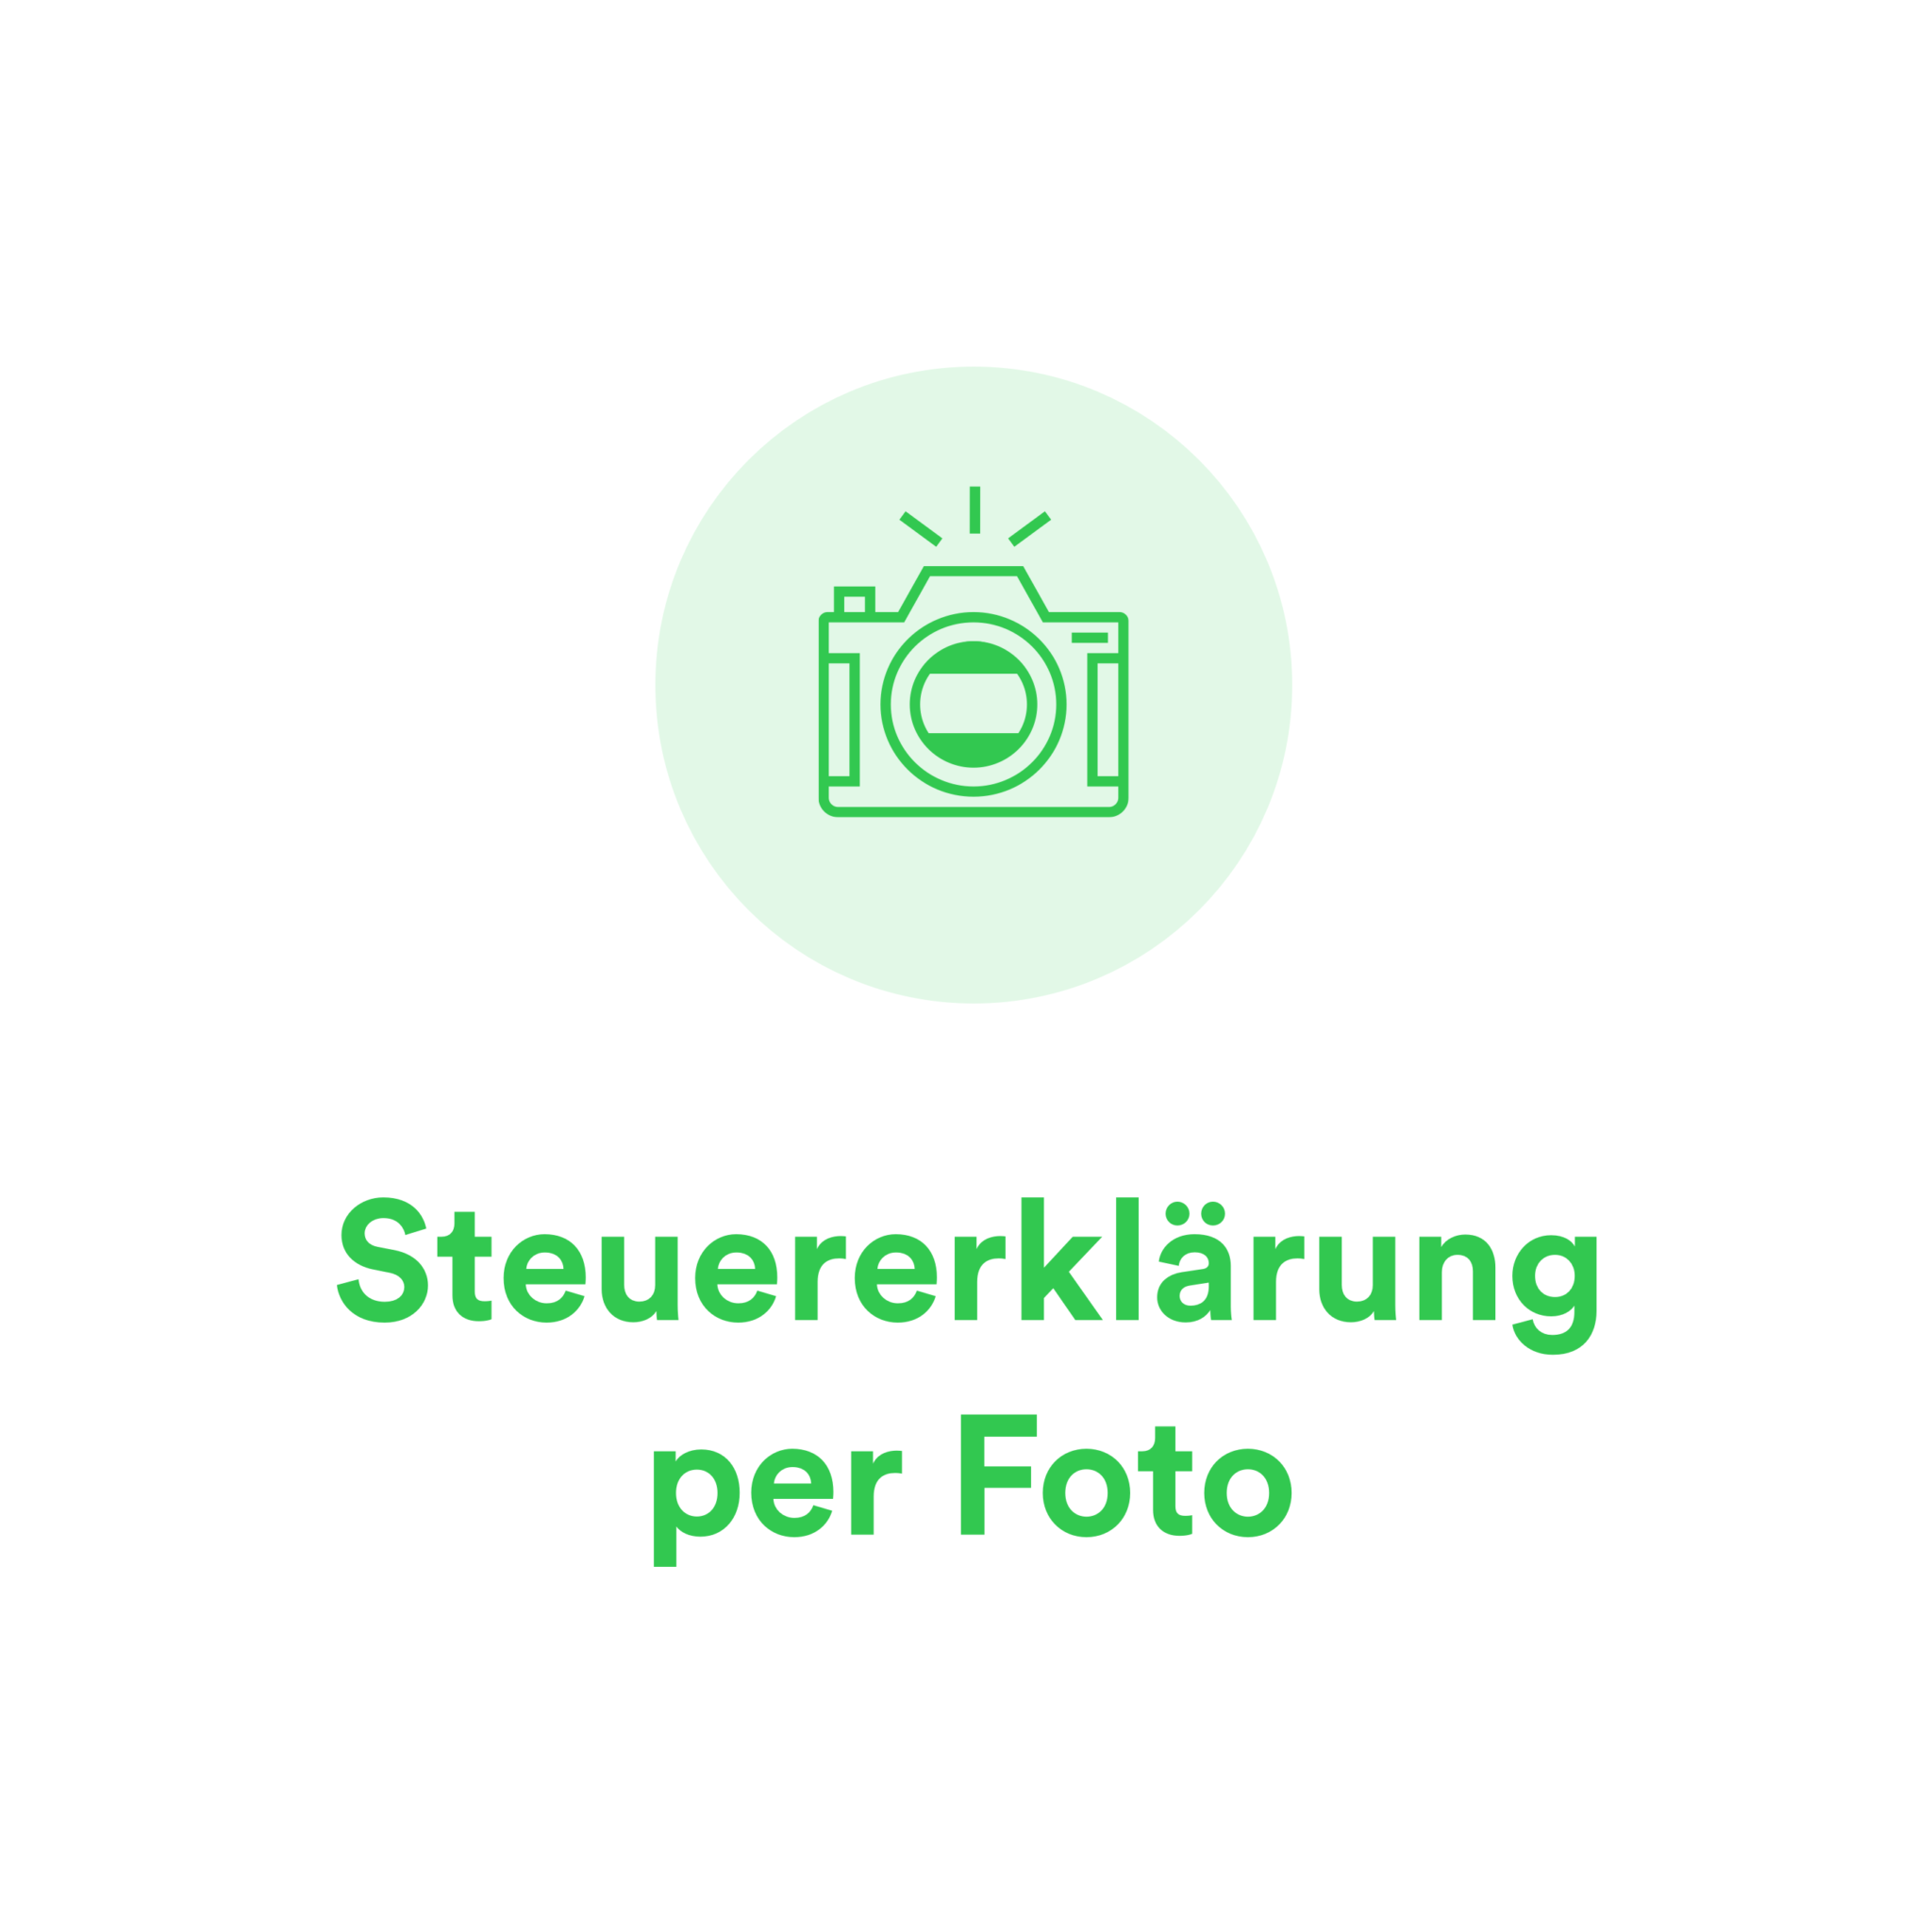 ocr-payslip-scan-video-img_de